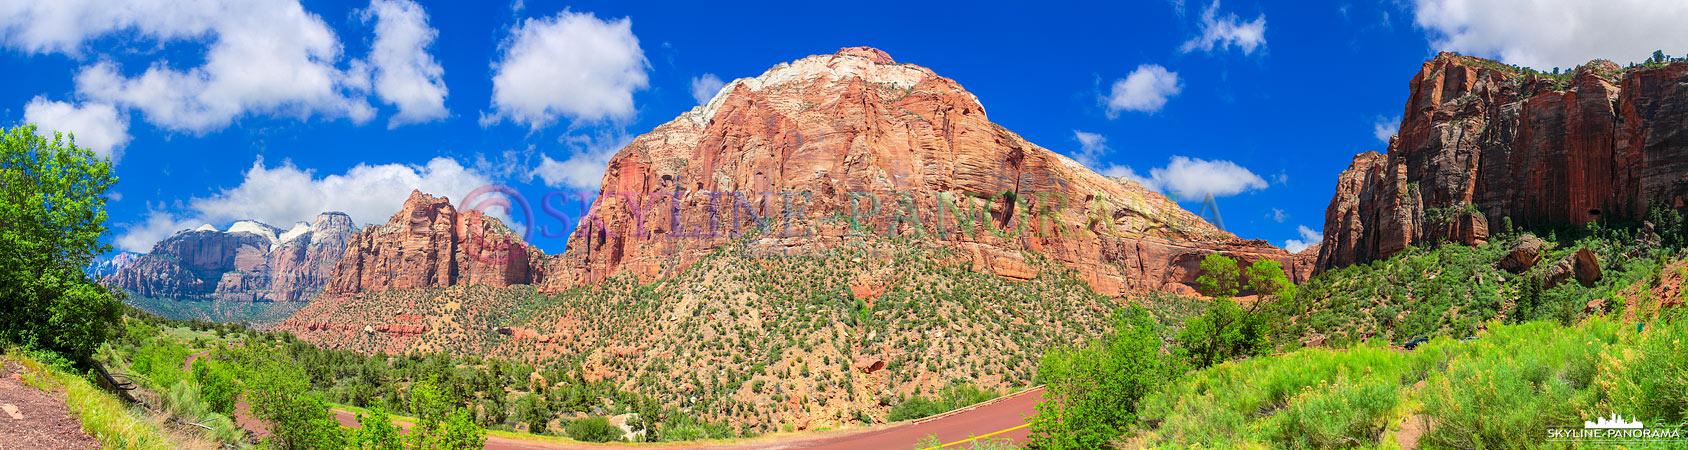 Bilder USA Westküste - Dieses Panorama entstand in den Bergen des Zion Nationalparks, an einem der zahlreichen Aussichtspunkte am Zion Park Boulevard.